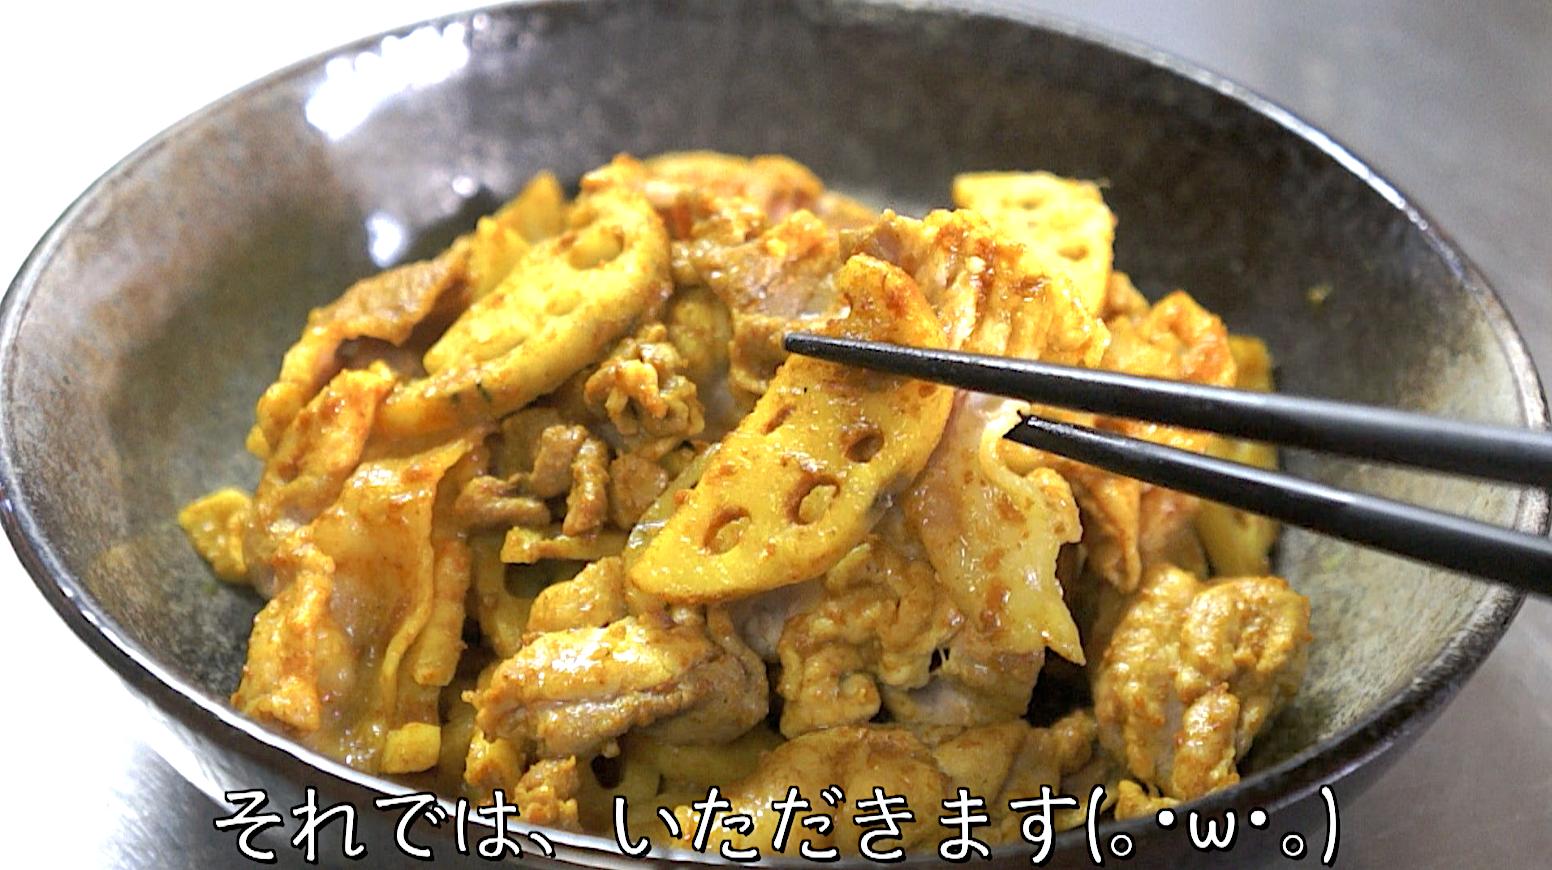 豚肉 蓮根 カレー炒め 糖質制限